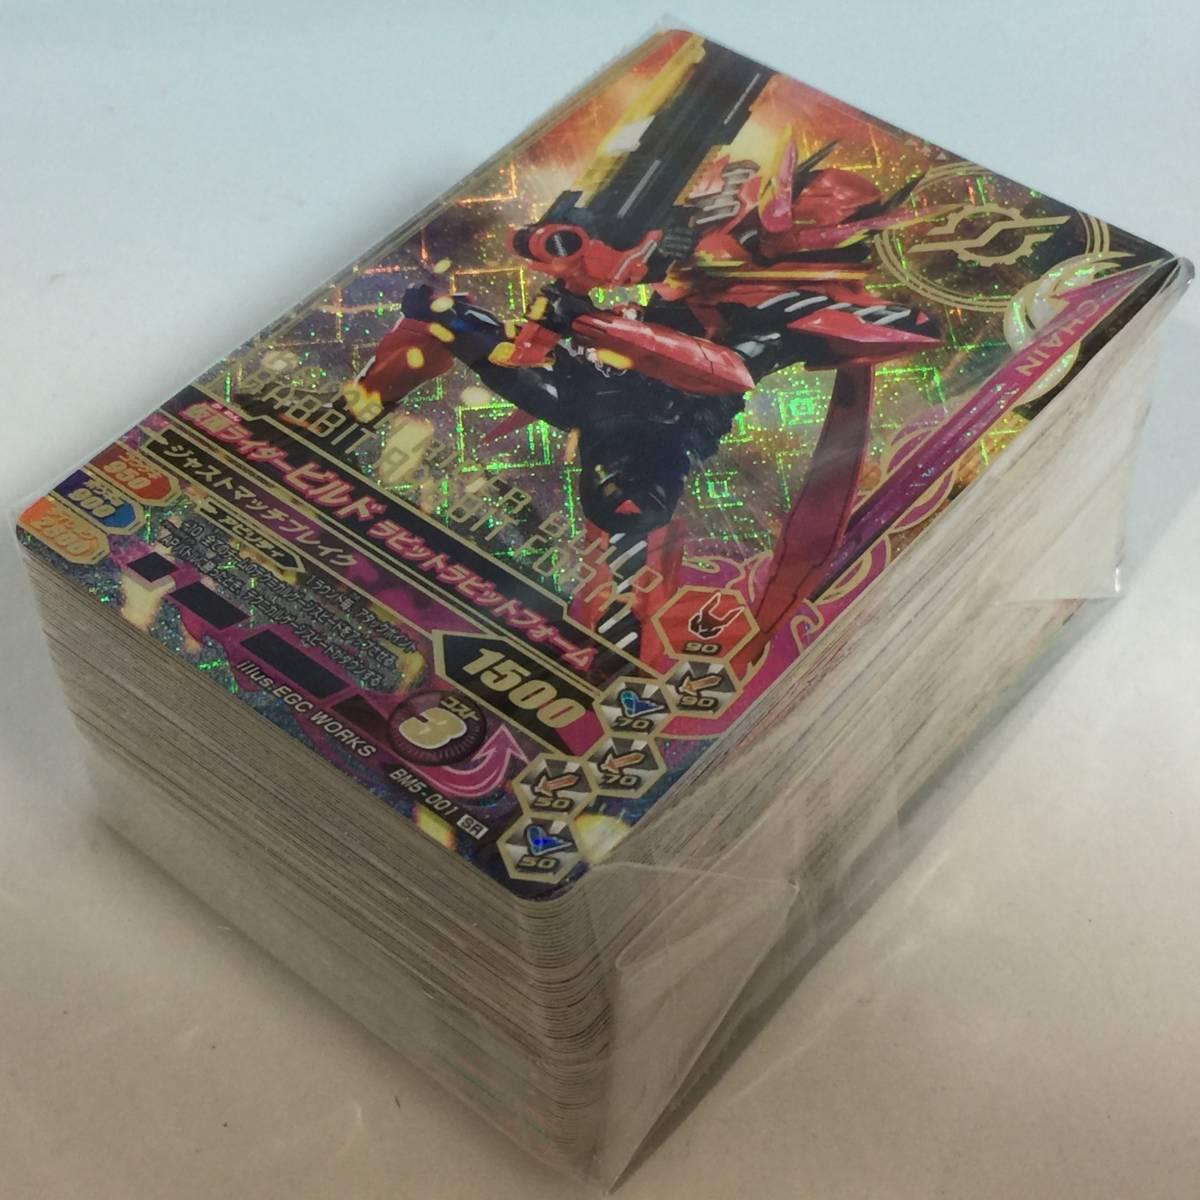 データカードダス 仮面ライダーバトル ガンバライジング ベストマッチ5弾(BM5-001 ~ BM5-071) フルコンプ全71枚 _画像2